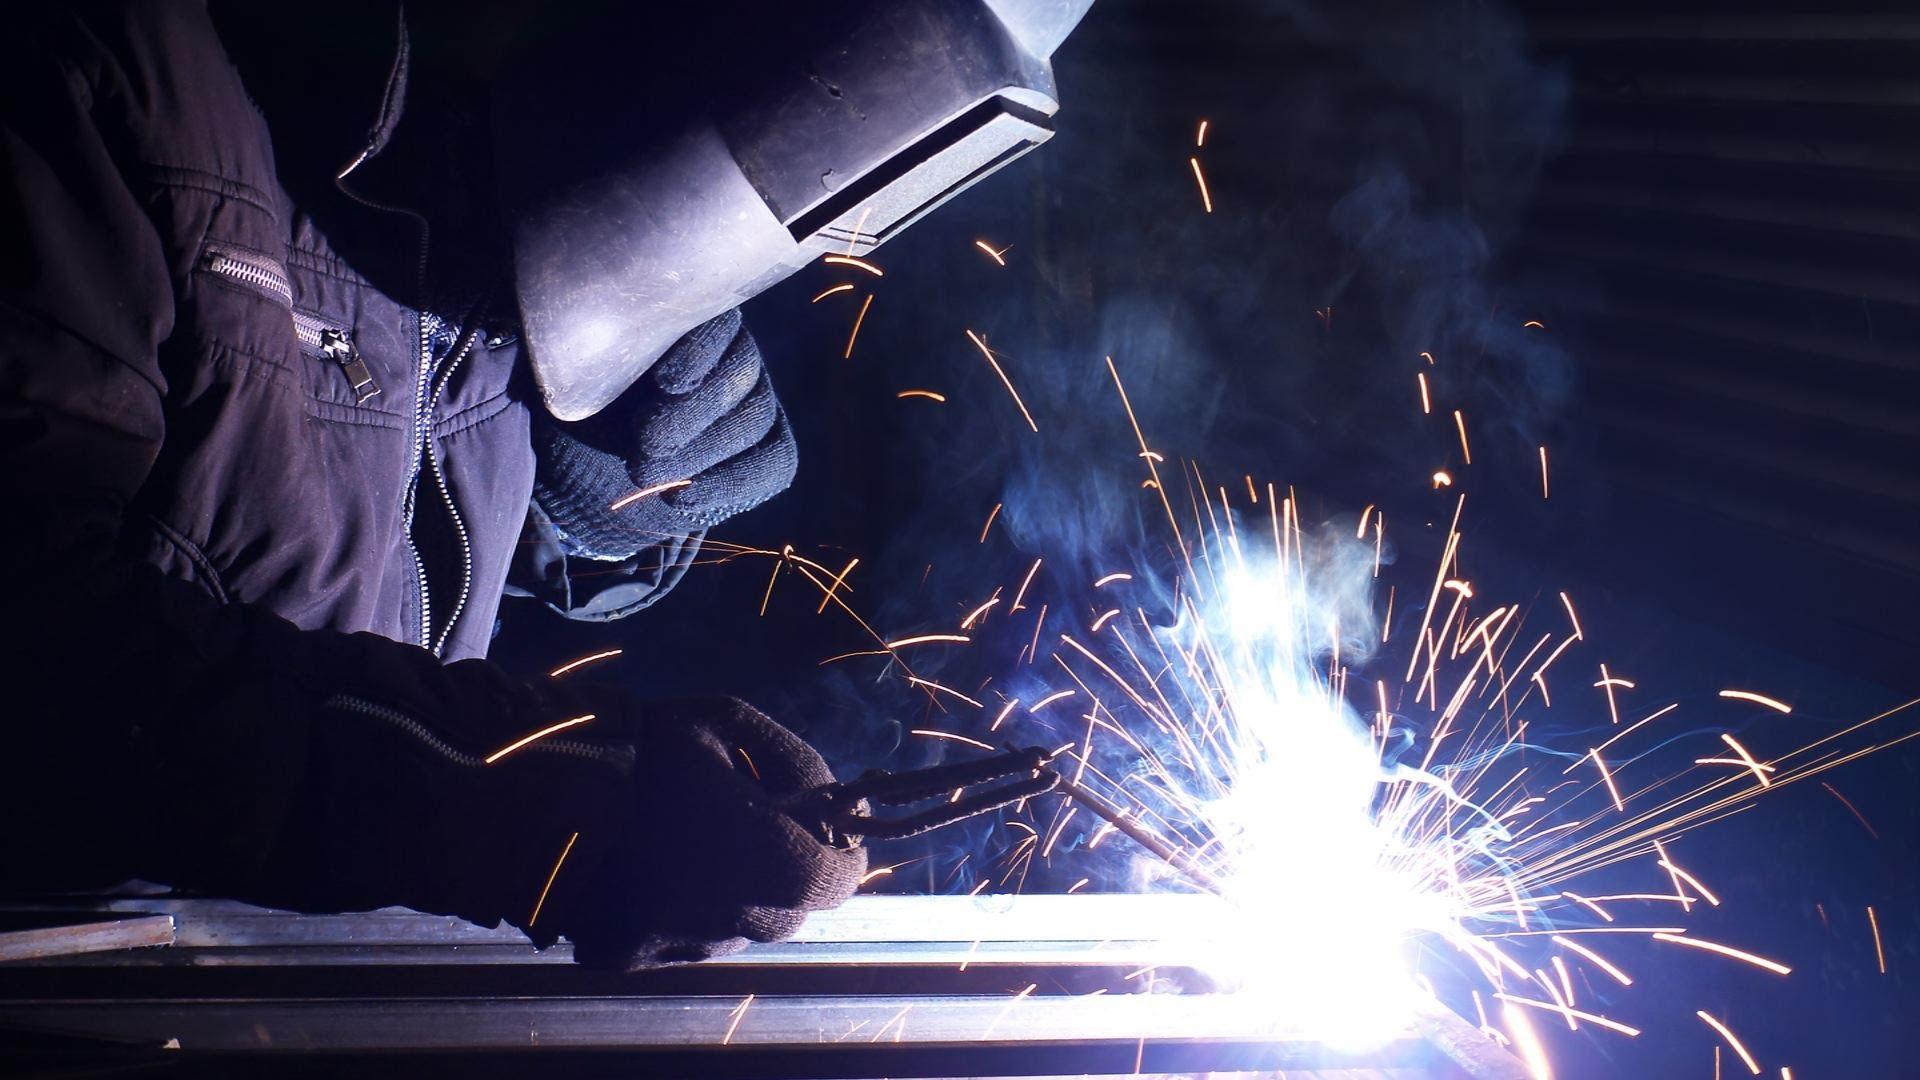 کاربرد پوشش الکترود چیست